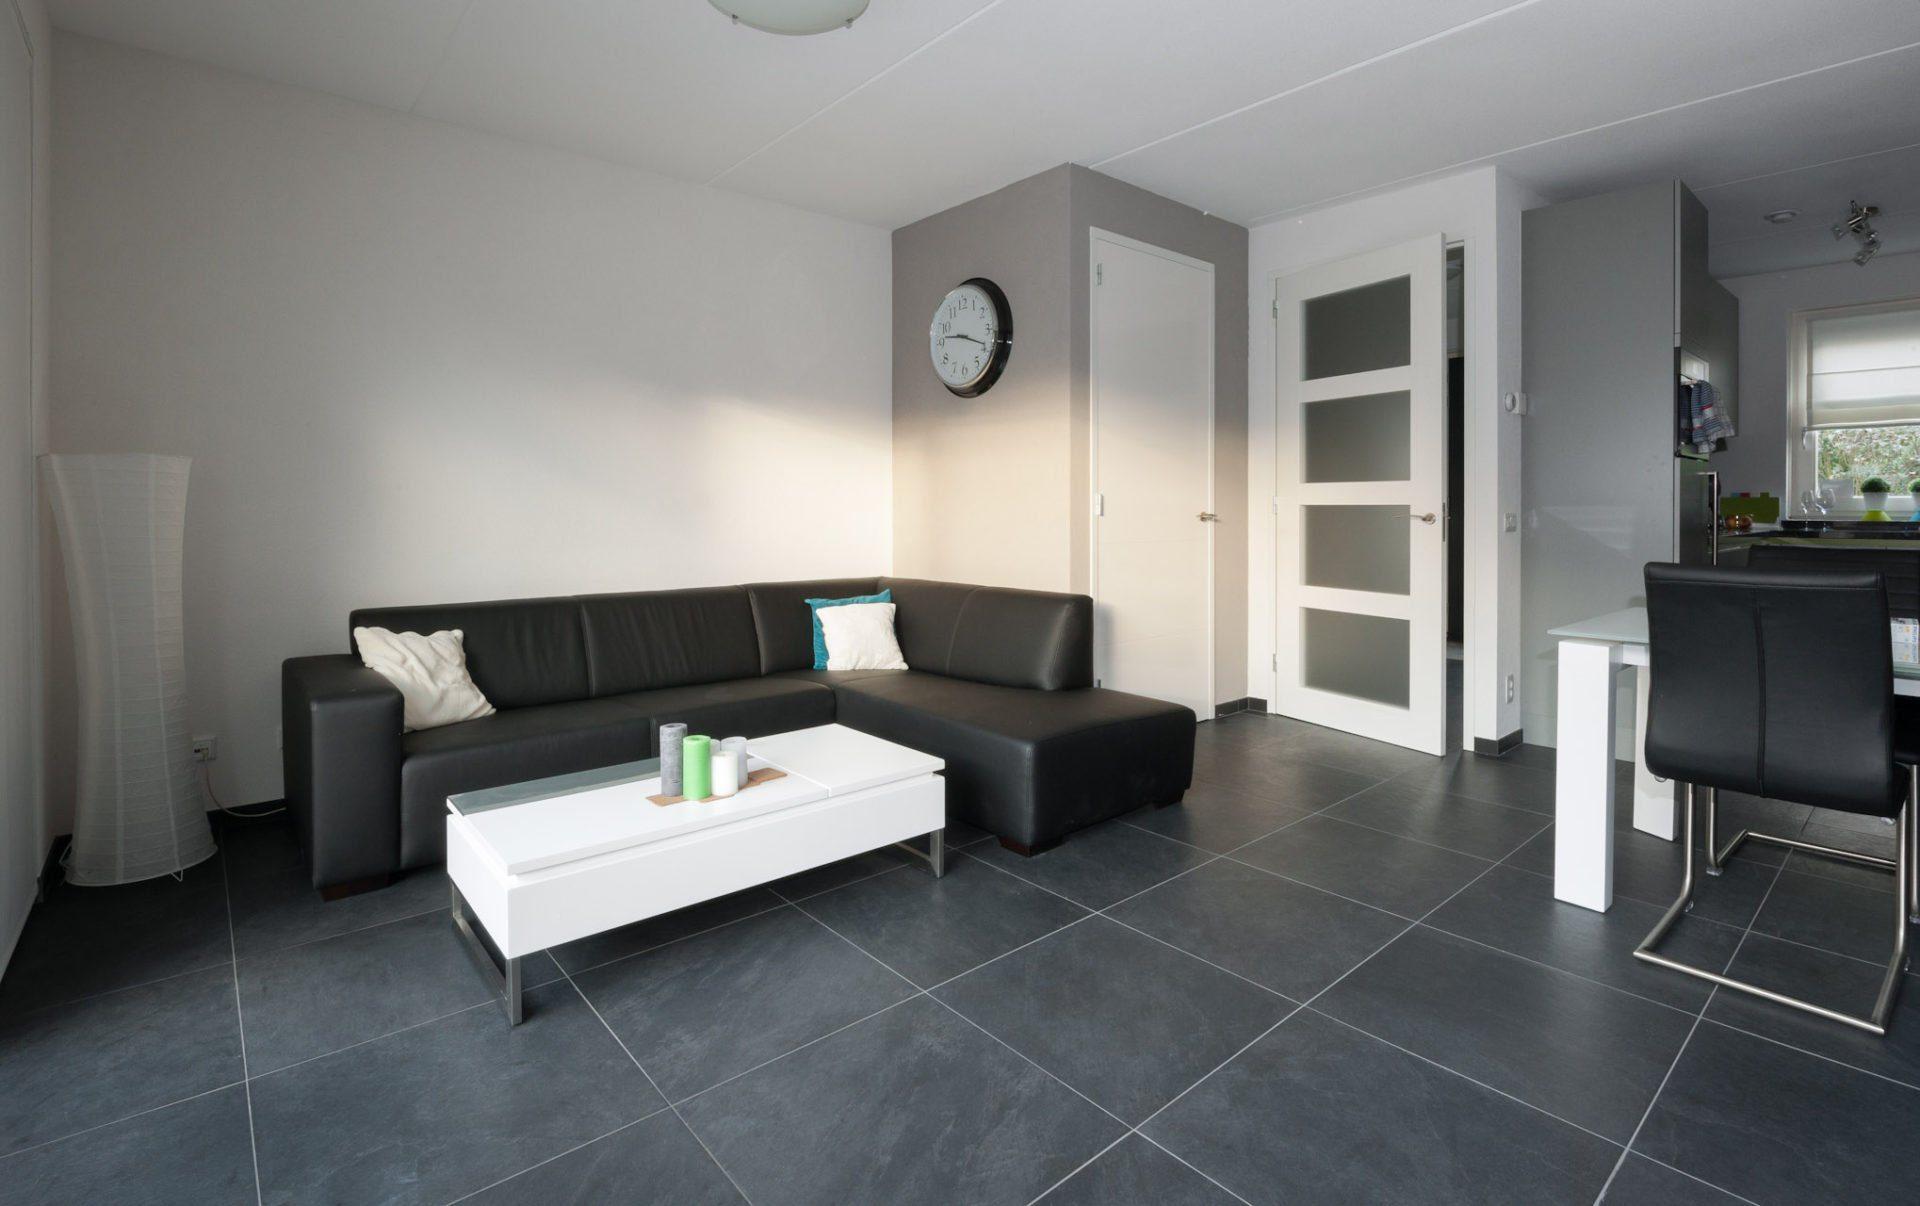 20170325&132408_Leisteen Vloer Badkamer ~ Home ? Inspiratie ? Antraciet vloertegels in woonkamer en badkamer